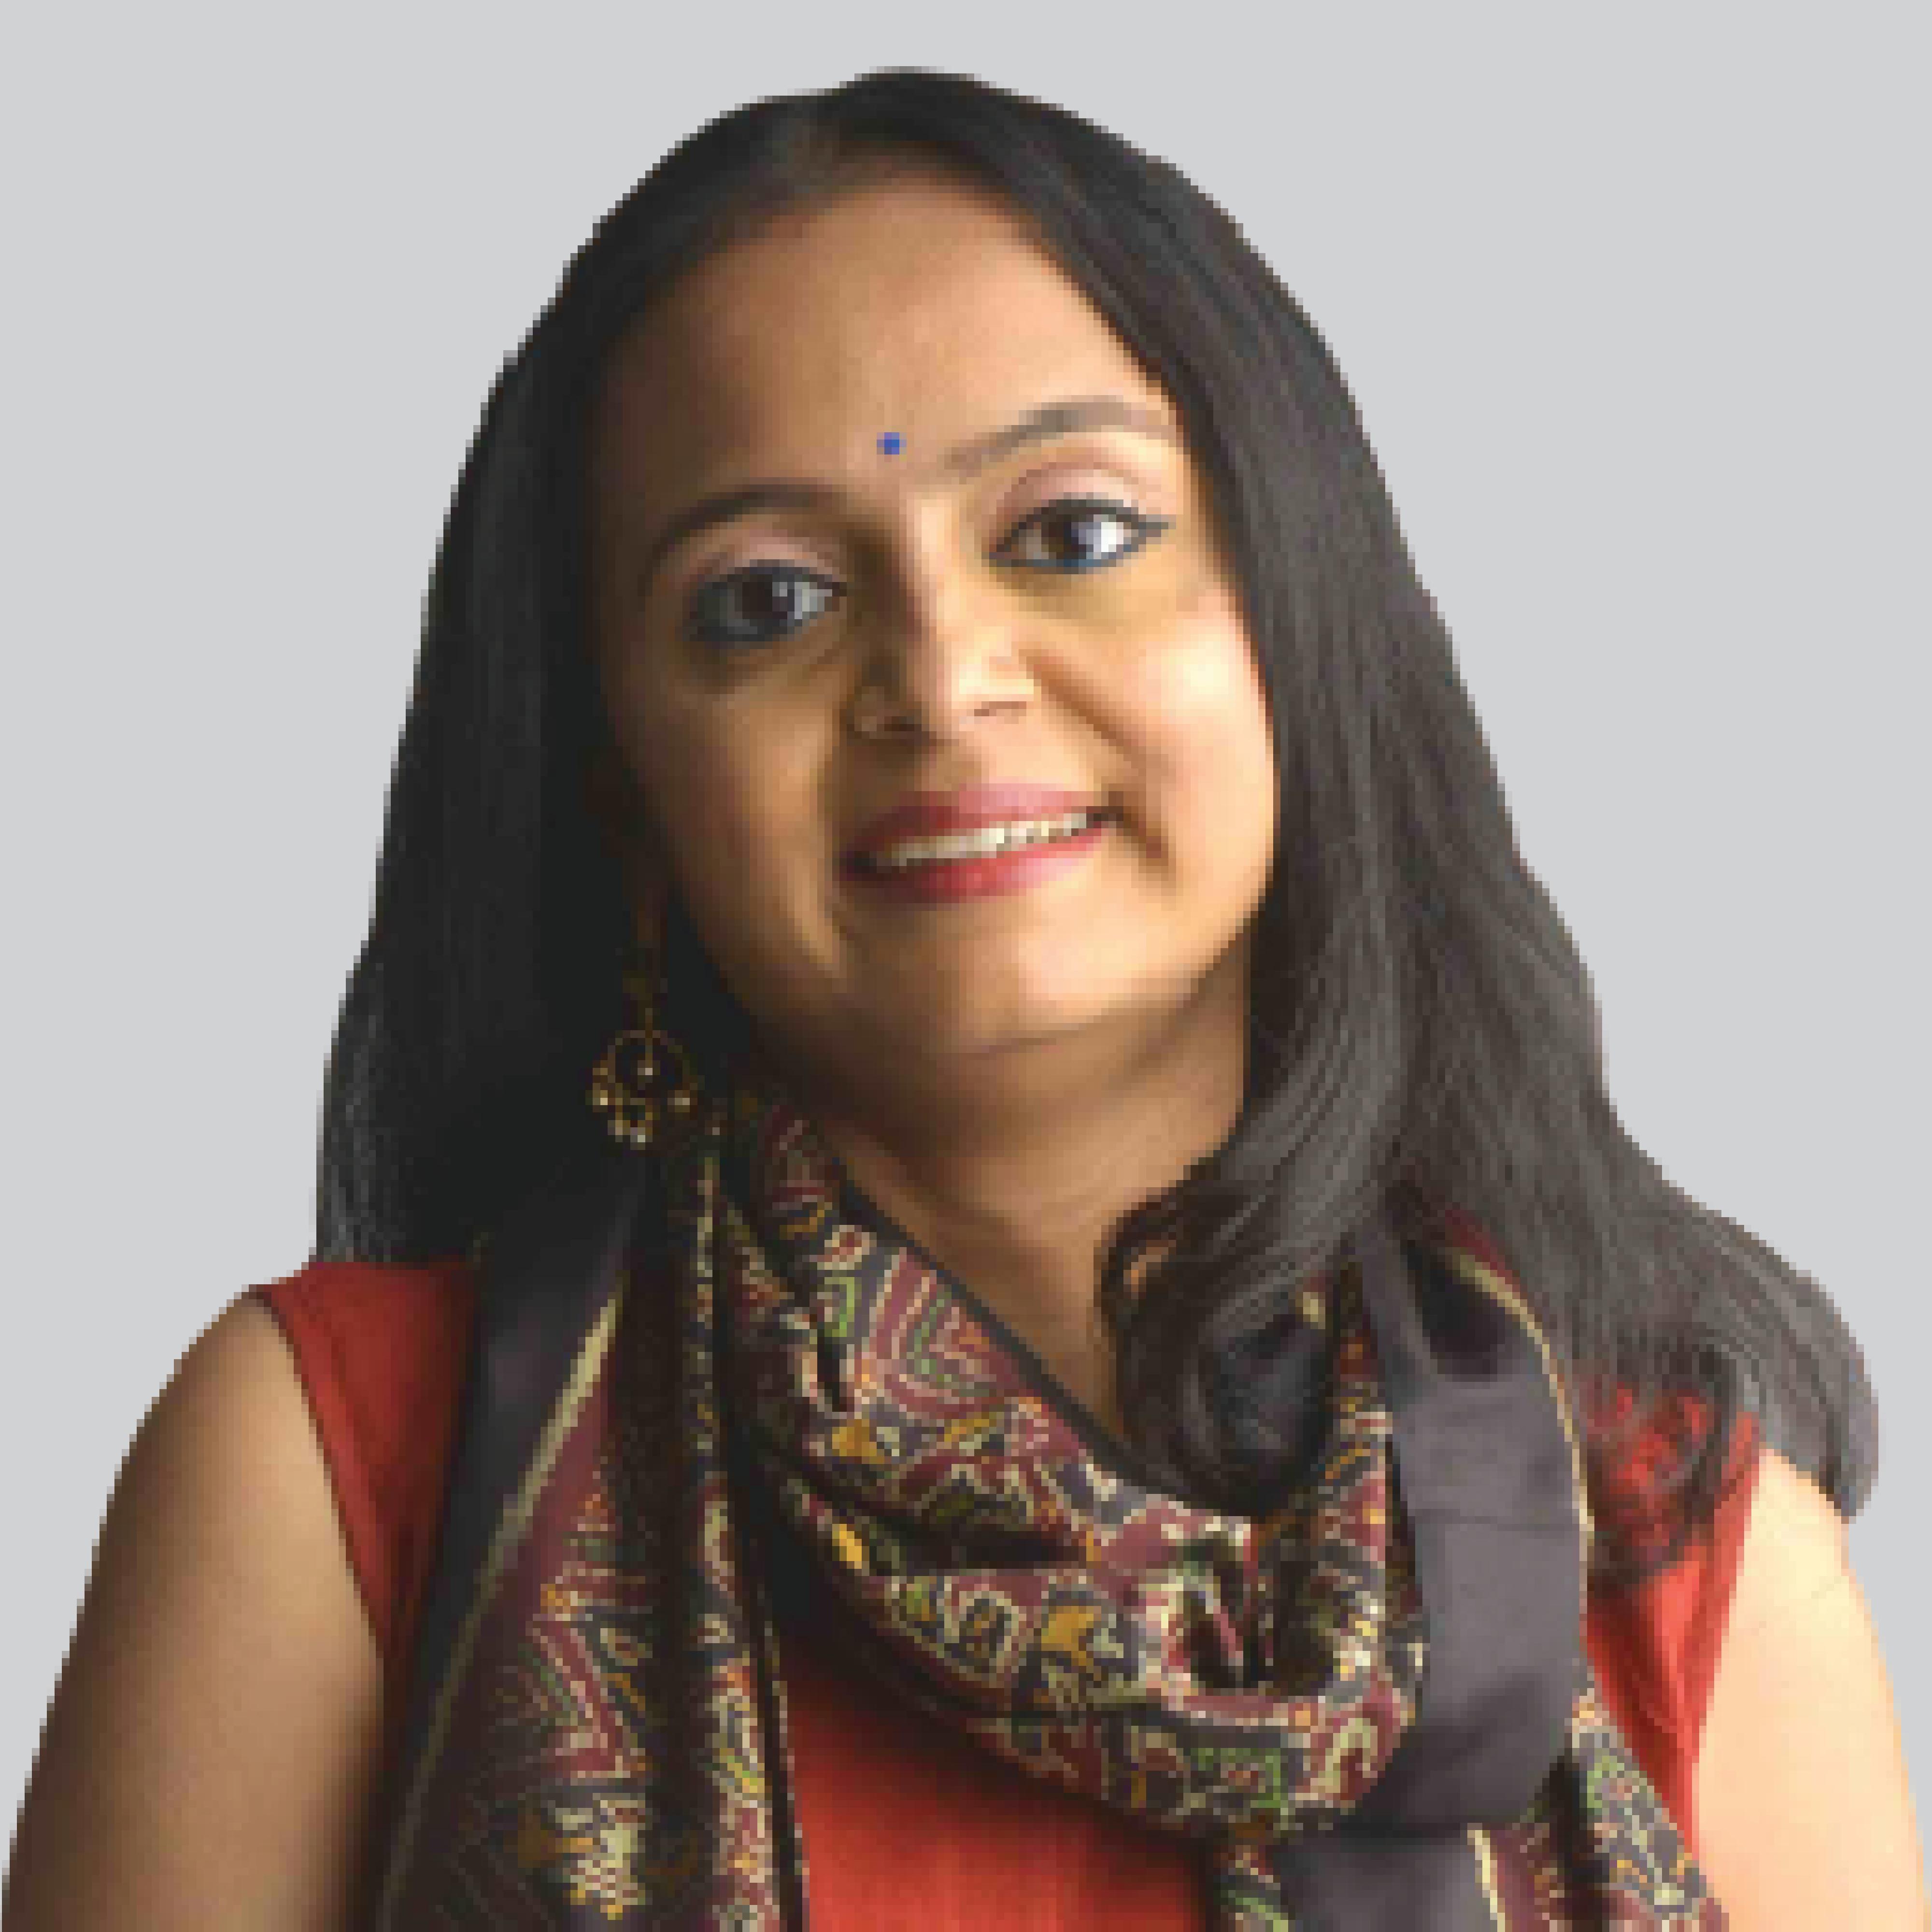 Mrs. Samira Shah